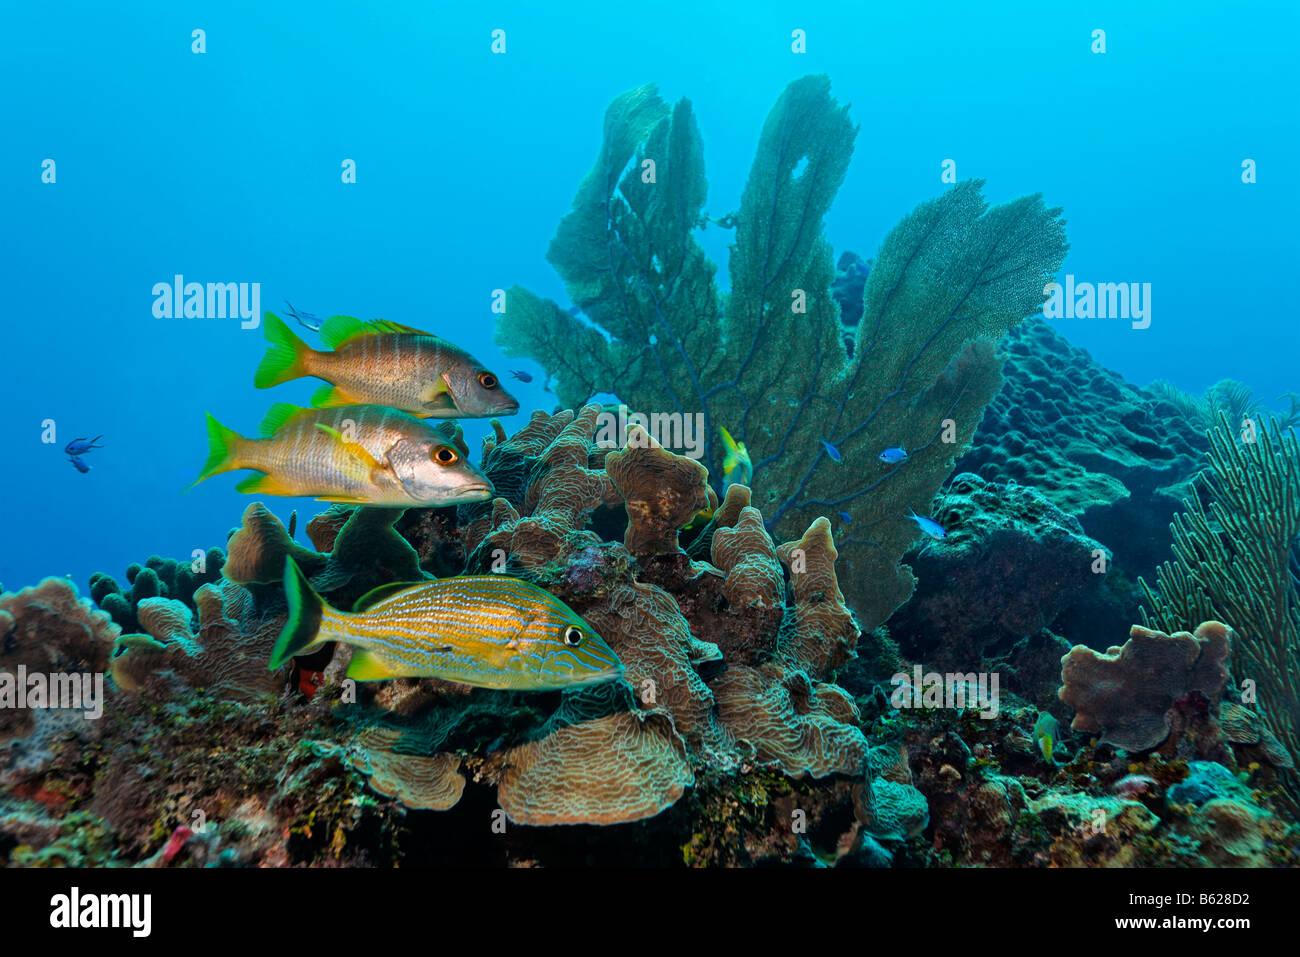 Halten Grunzen Fische (Sciurus Haemulon) und zwei Schulmeister-Schnapper (Lutjanus Apodus) schwimmen in einem Korallenriff Stockbild